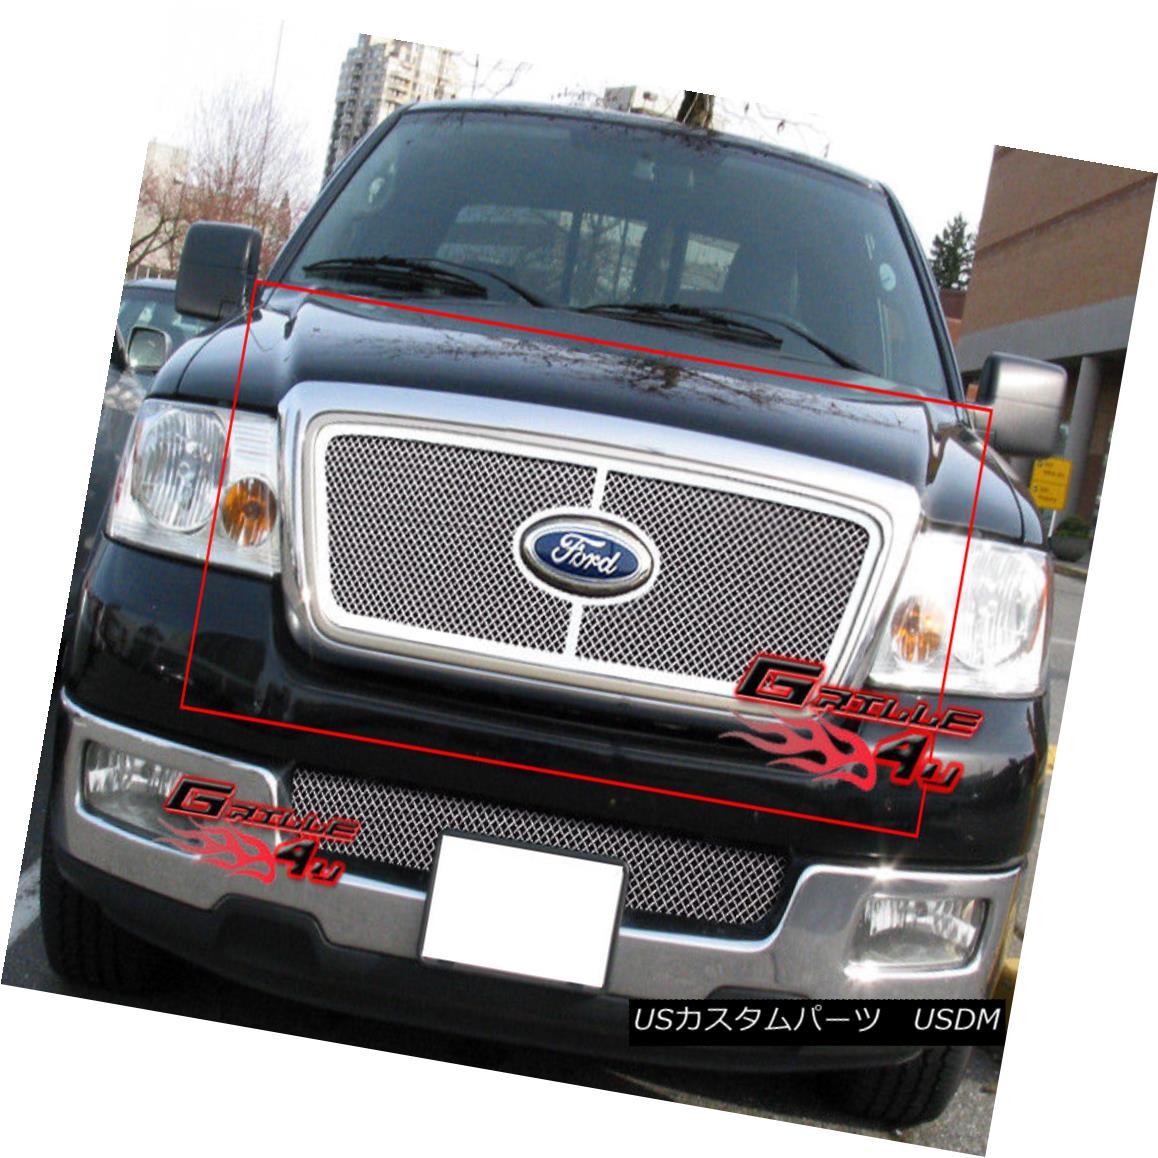 グリル Fits 04-08 Ford F-150 Honeycomb Style Stainless Steel Wire Mesh Grille Insert フィット04 - 08フォードF - 150ハニカムスタイルステンレス鋼ワイヤメッシュグリルインサート